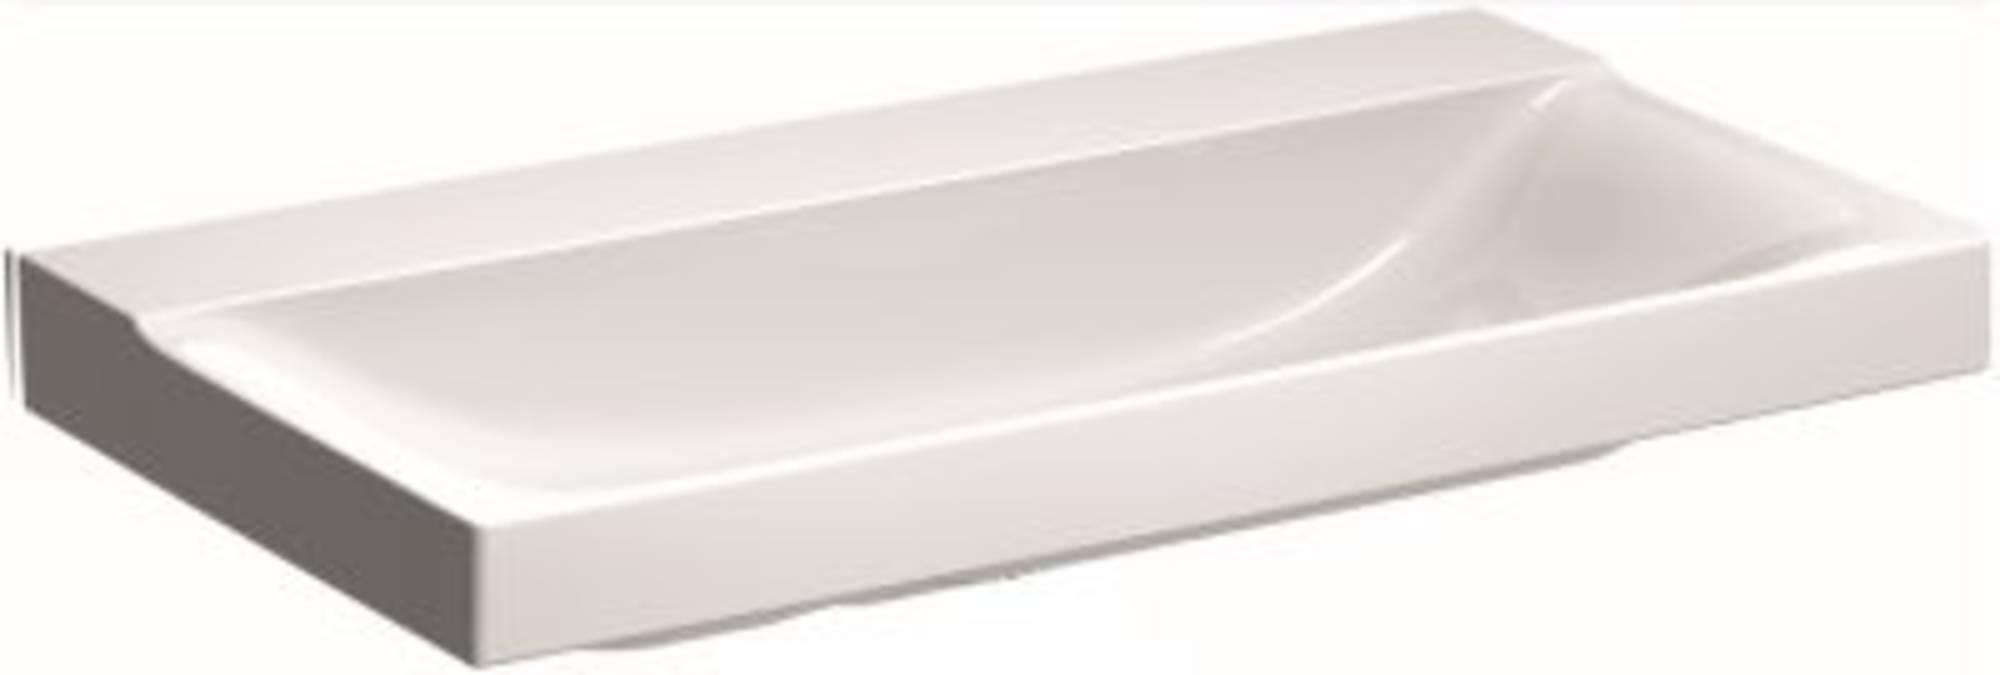 Sphinx 420 wastafel zonder kraangat 90x48 cm wit